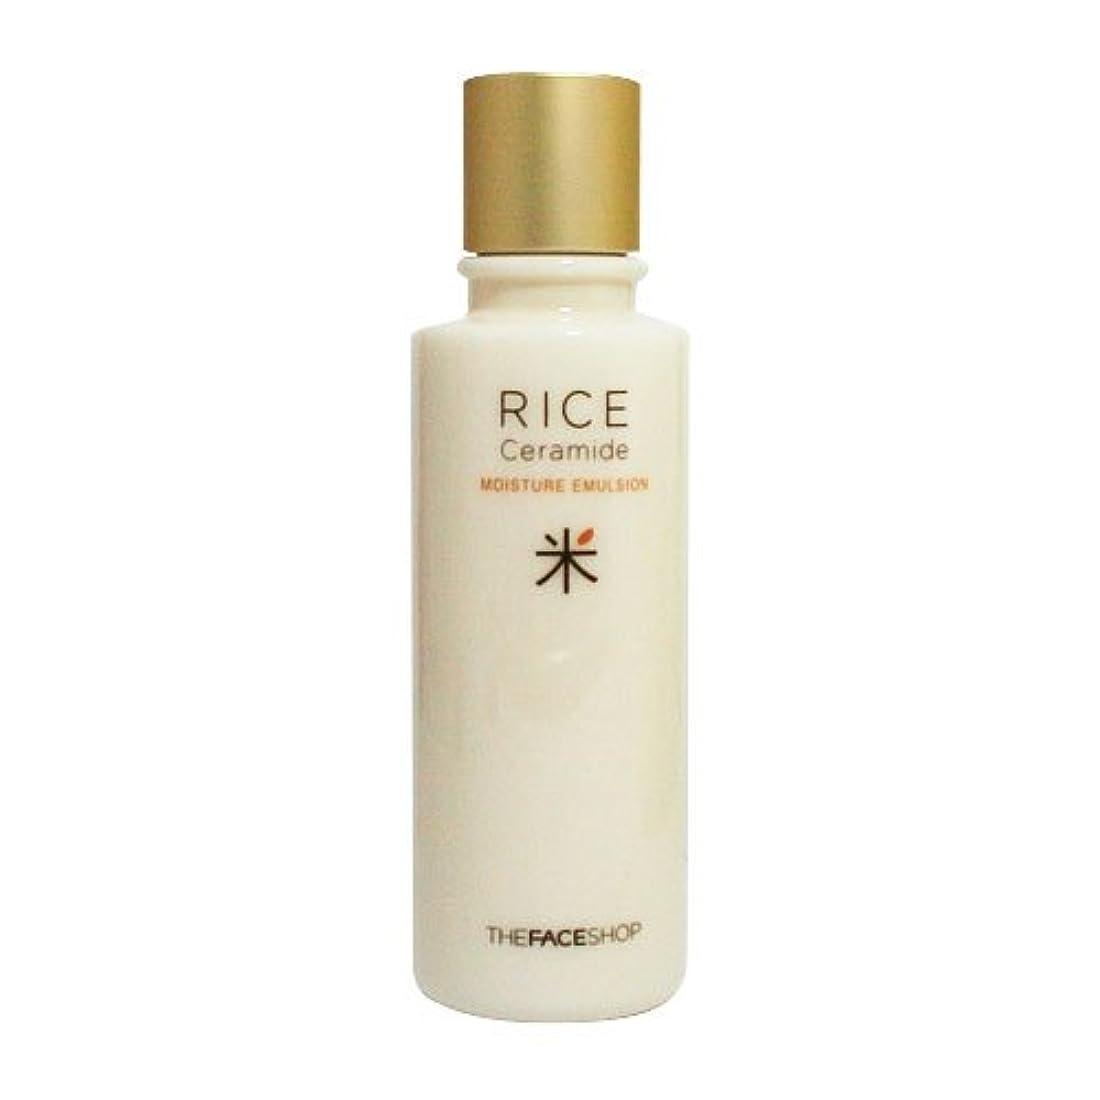 適切にスキップ通貨[ザ?フェイスショップ] The Face Shop ライス&セラミド モイスチャーエマルジョン Rice & Ceramide Moisture Emulsion [並行輸入品]